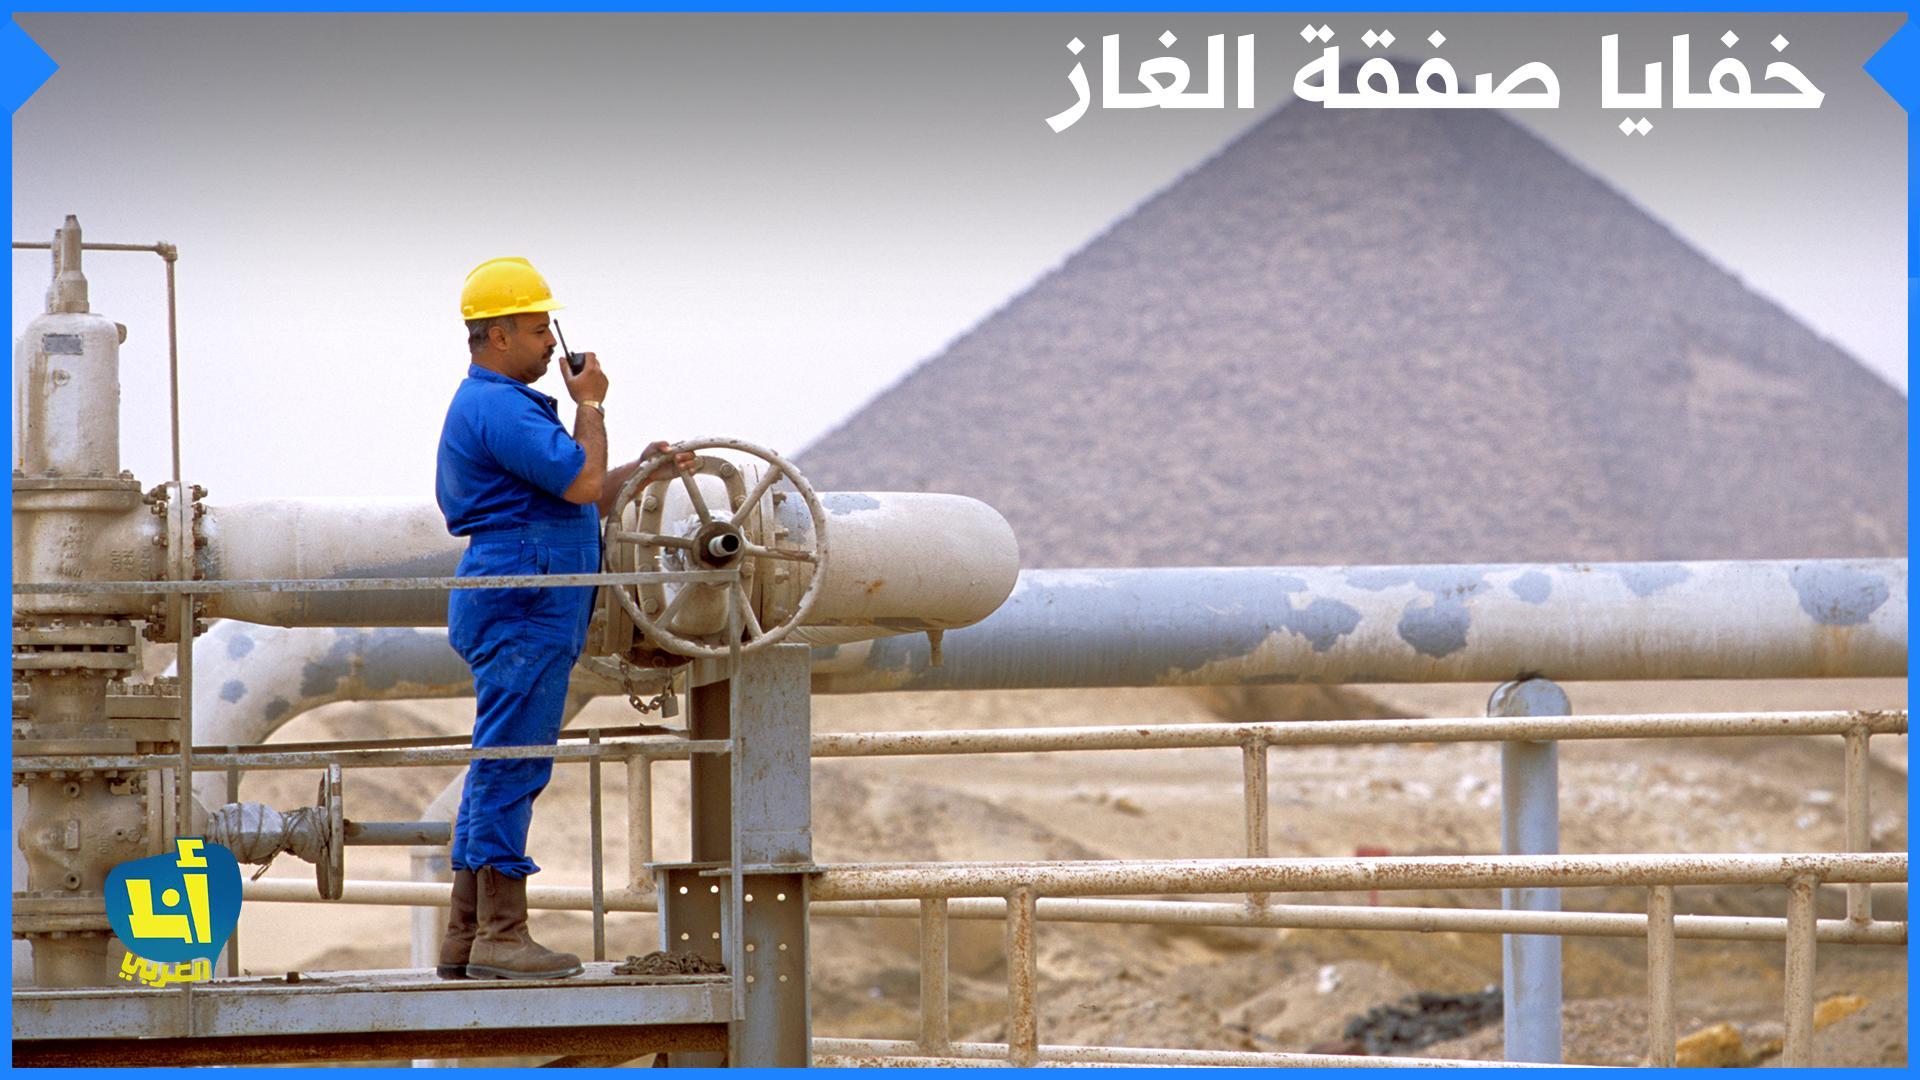 صفقات الغاز بين مصر وإسرائيل